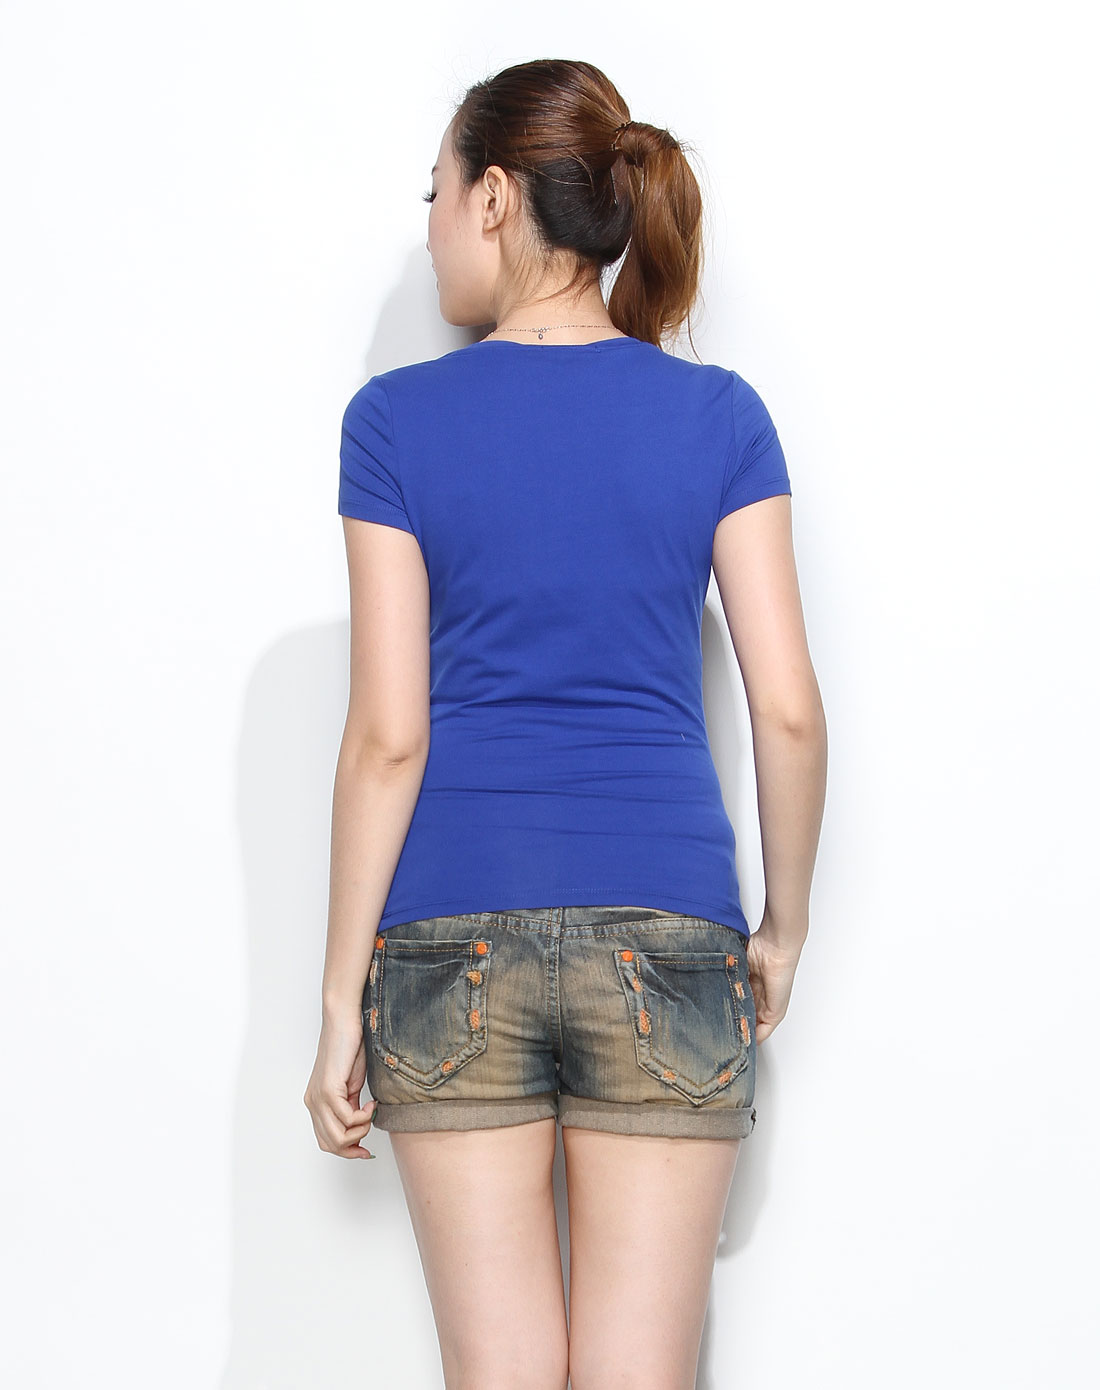 可爱女孩印花艳蓝色短袖t恤